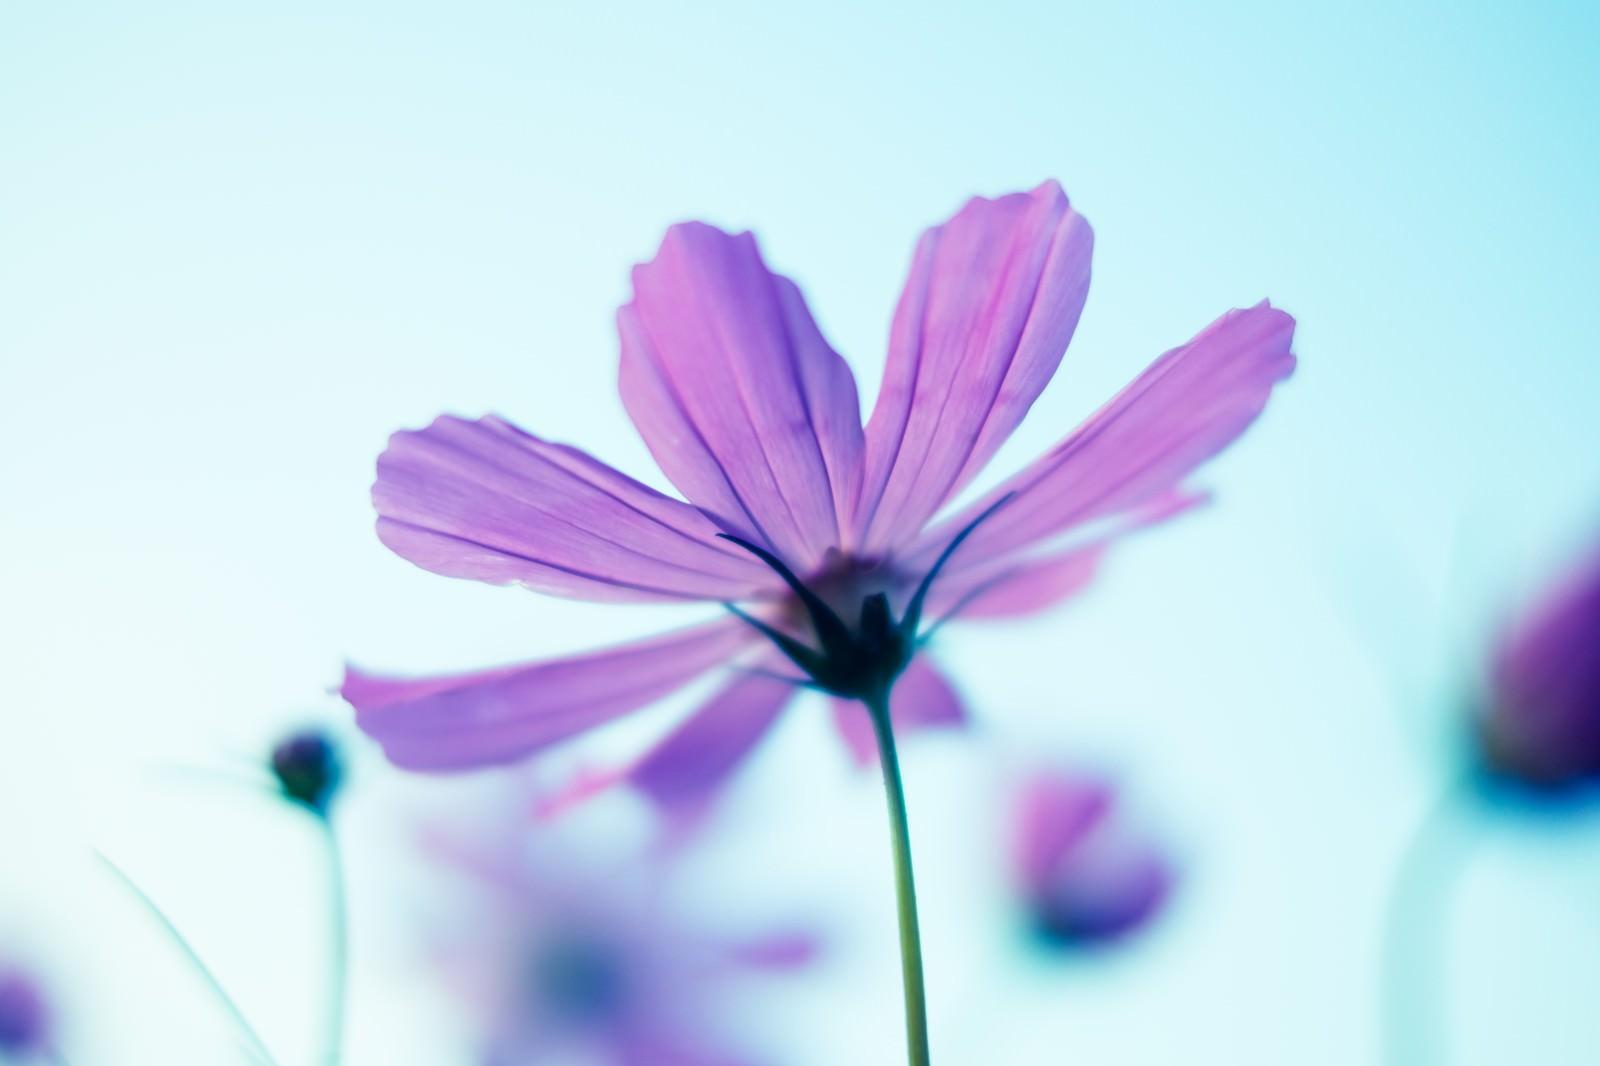 「コスモスの花と空」の写真